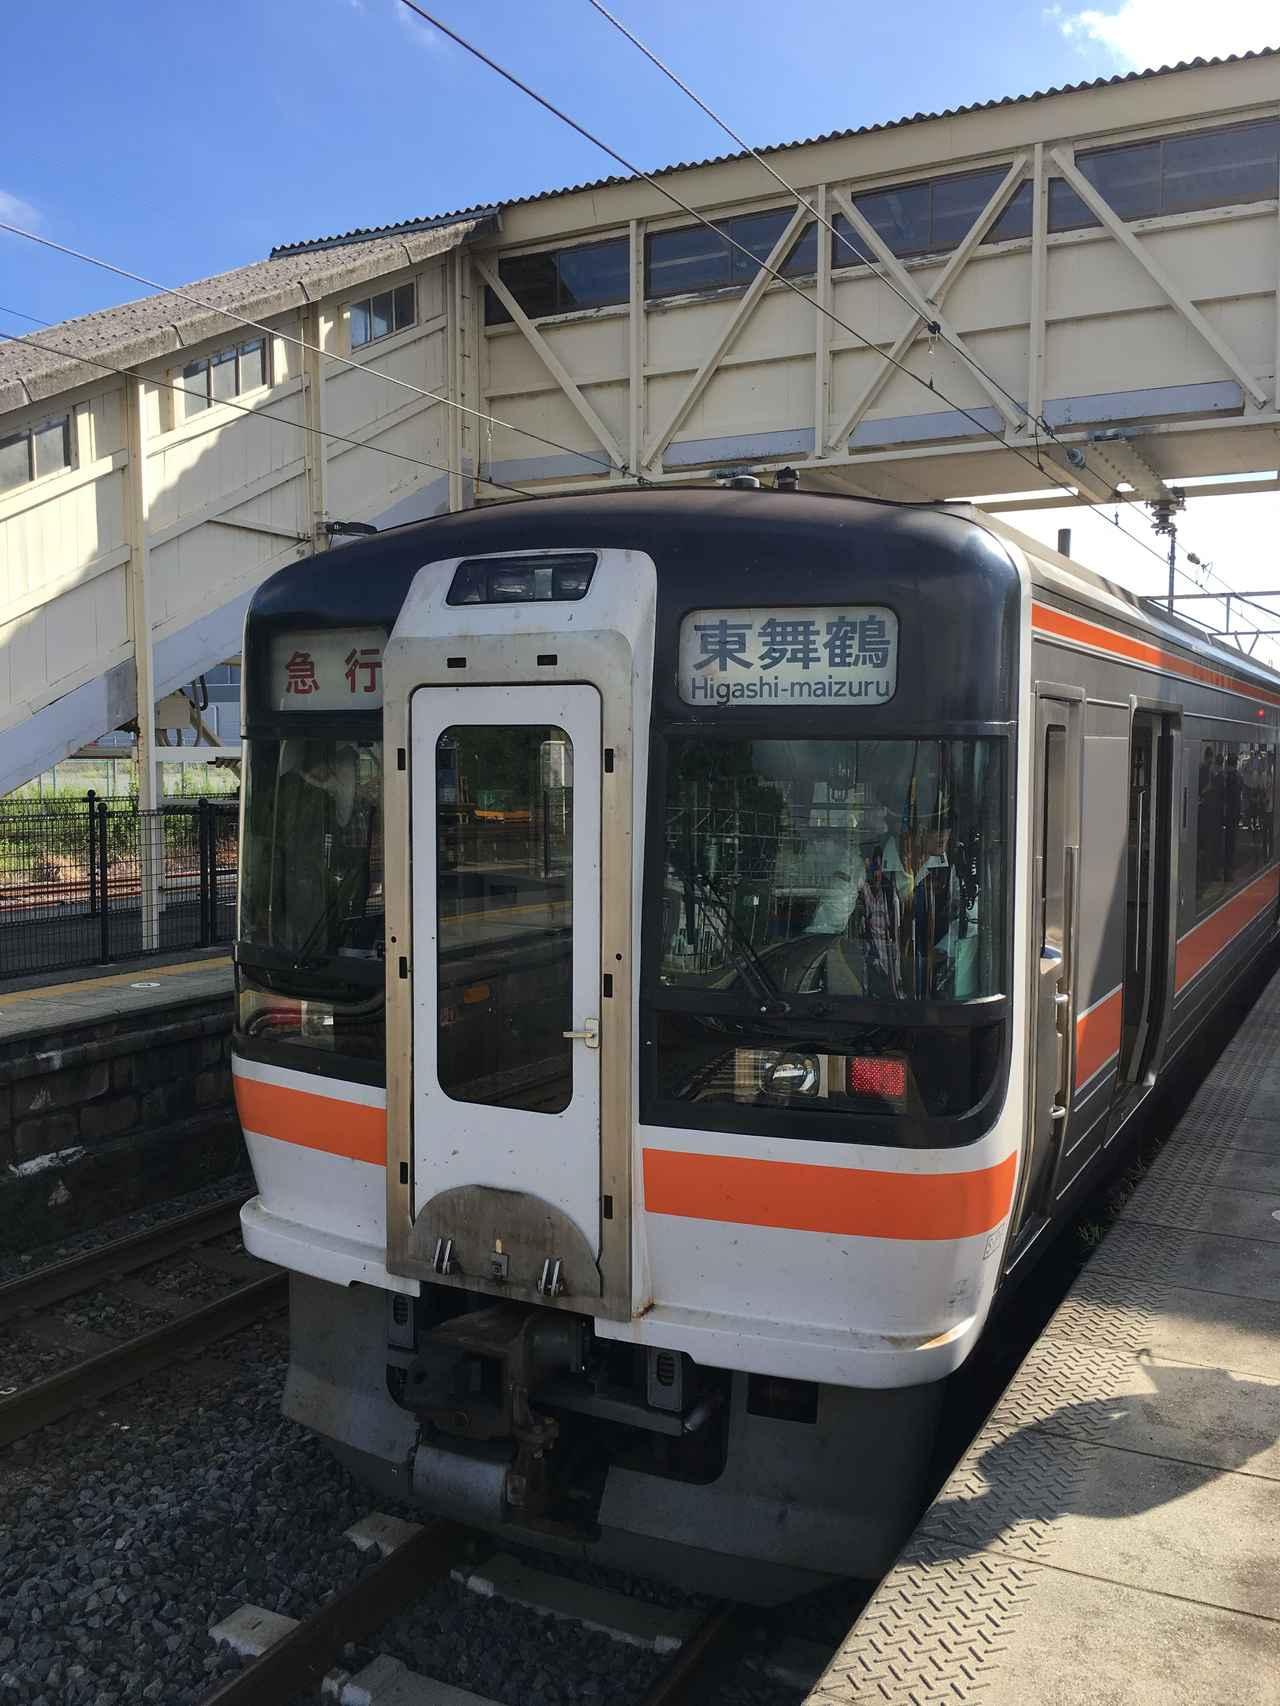 画像2: JR東海管内を走行するJR東日本所属車両とJR東海貨物線ツアー